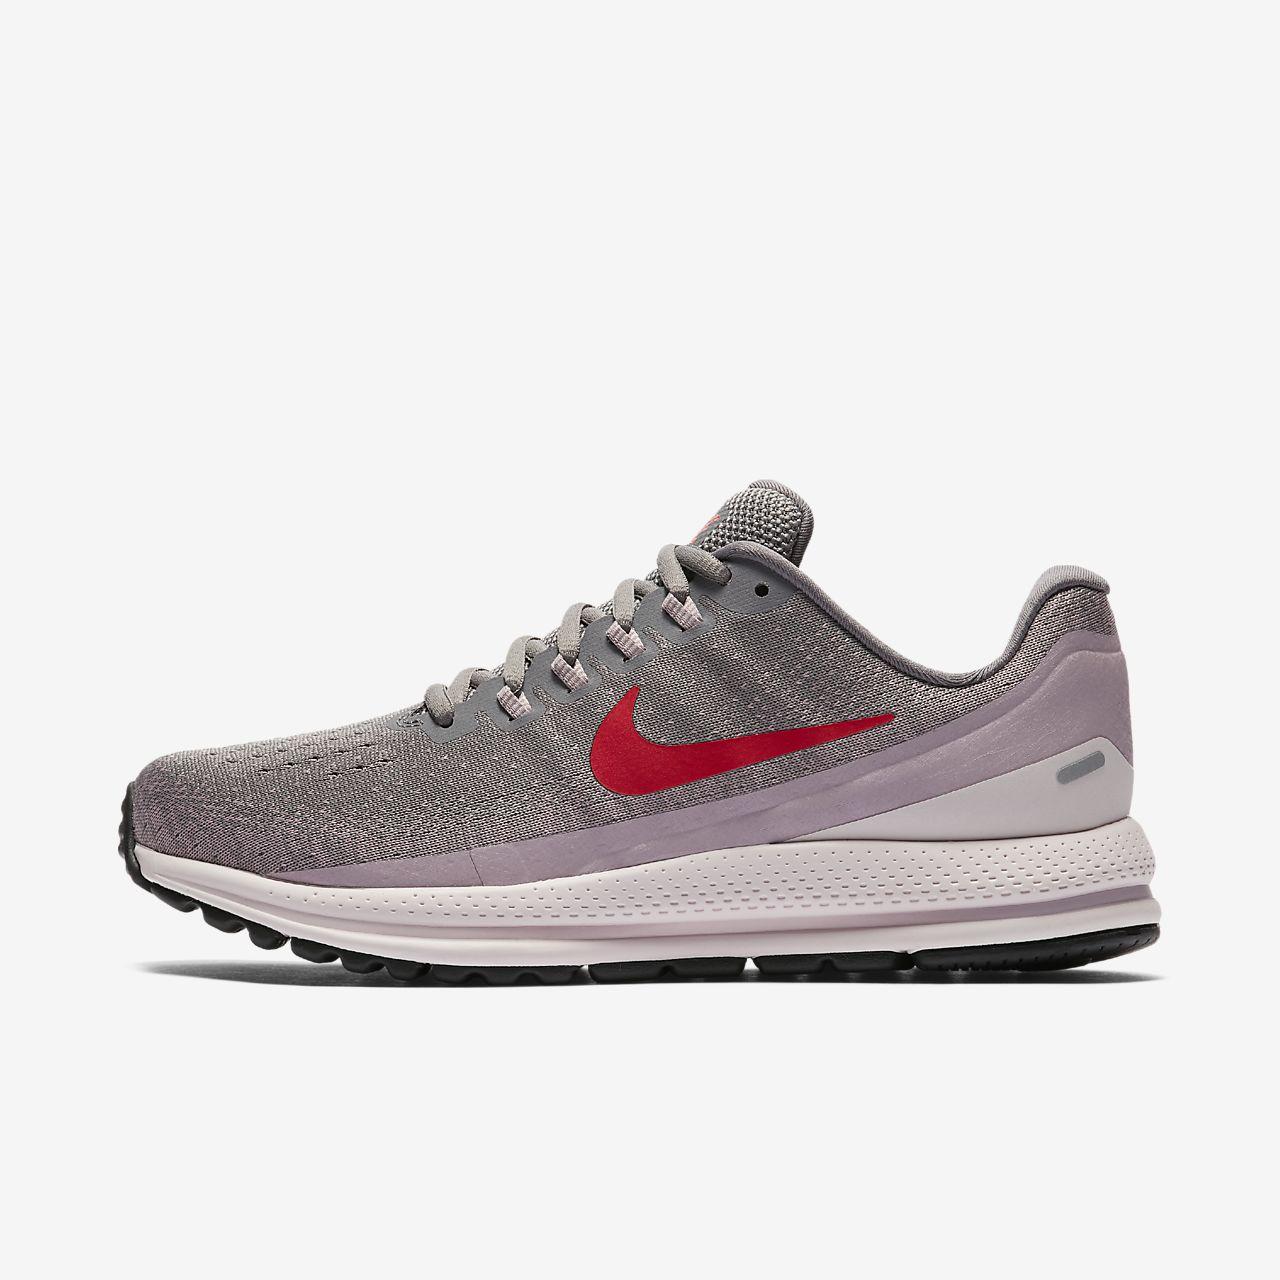 Billiger Fabrikverkauf Nike Air Zoom Vomero 13 - Laufschuhe für Damen - Schwarz 2018 Unisex Zum Verkauf B7OCpeYBpg